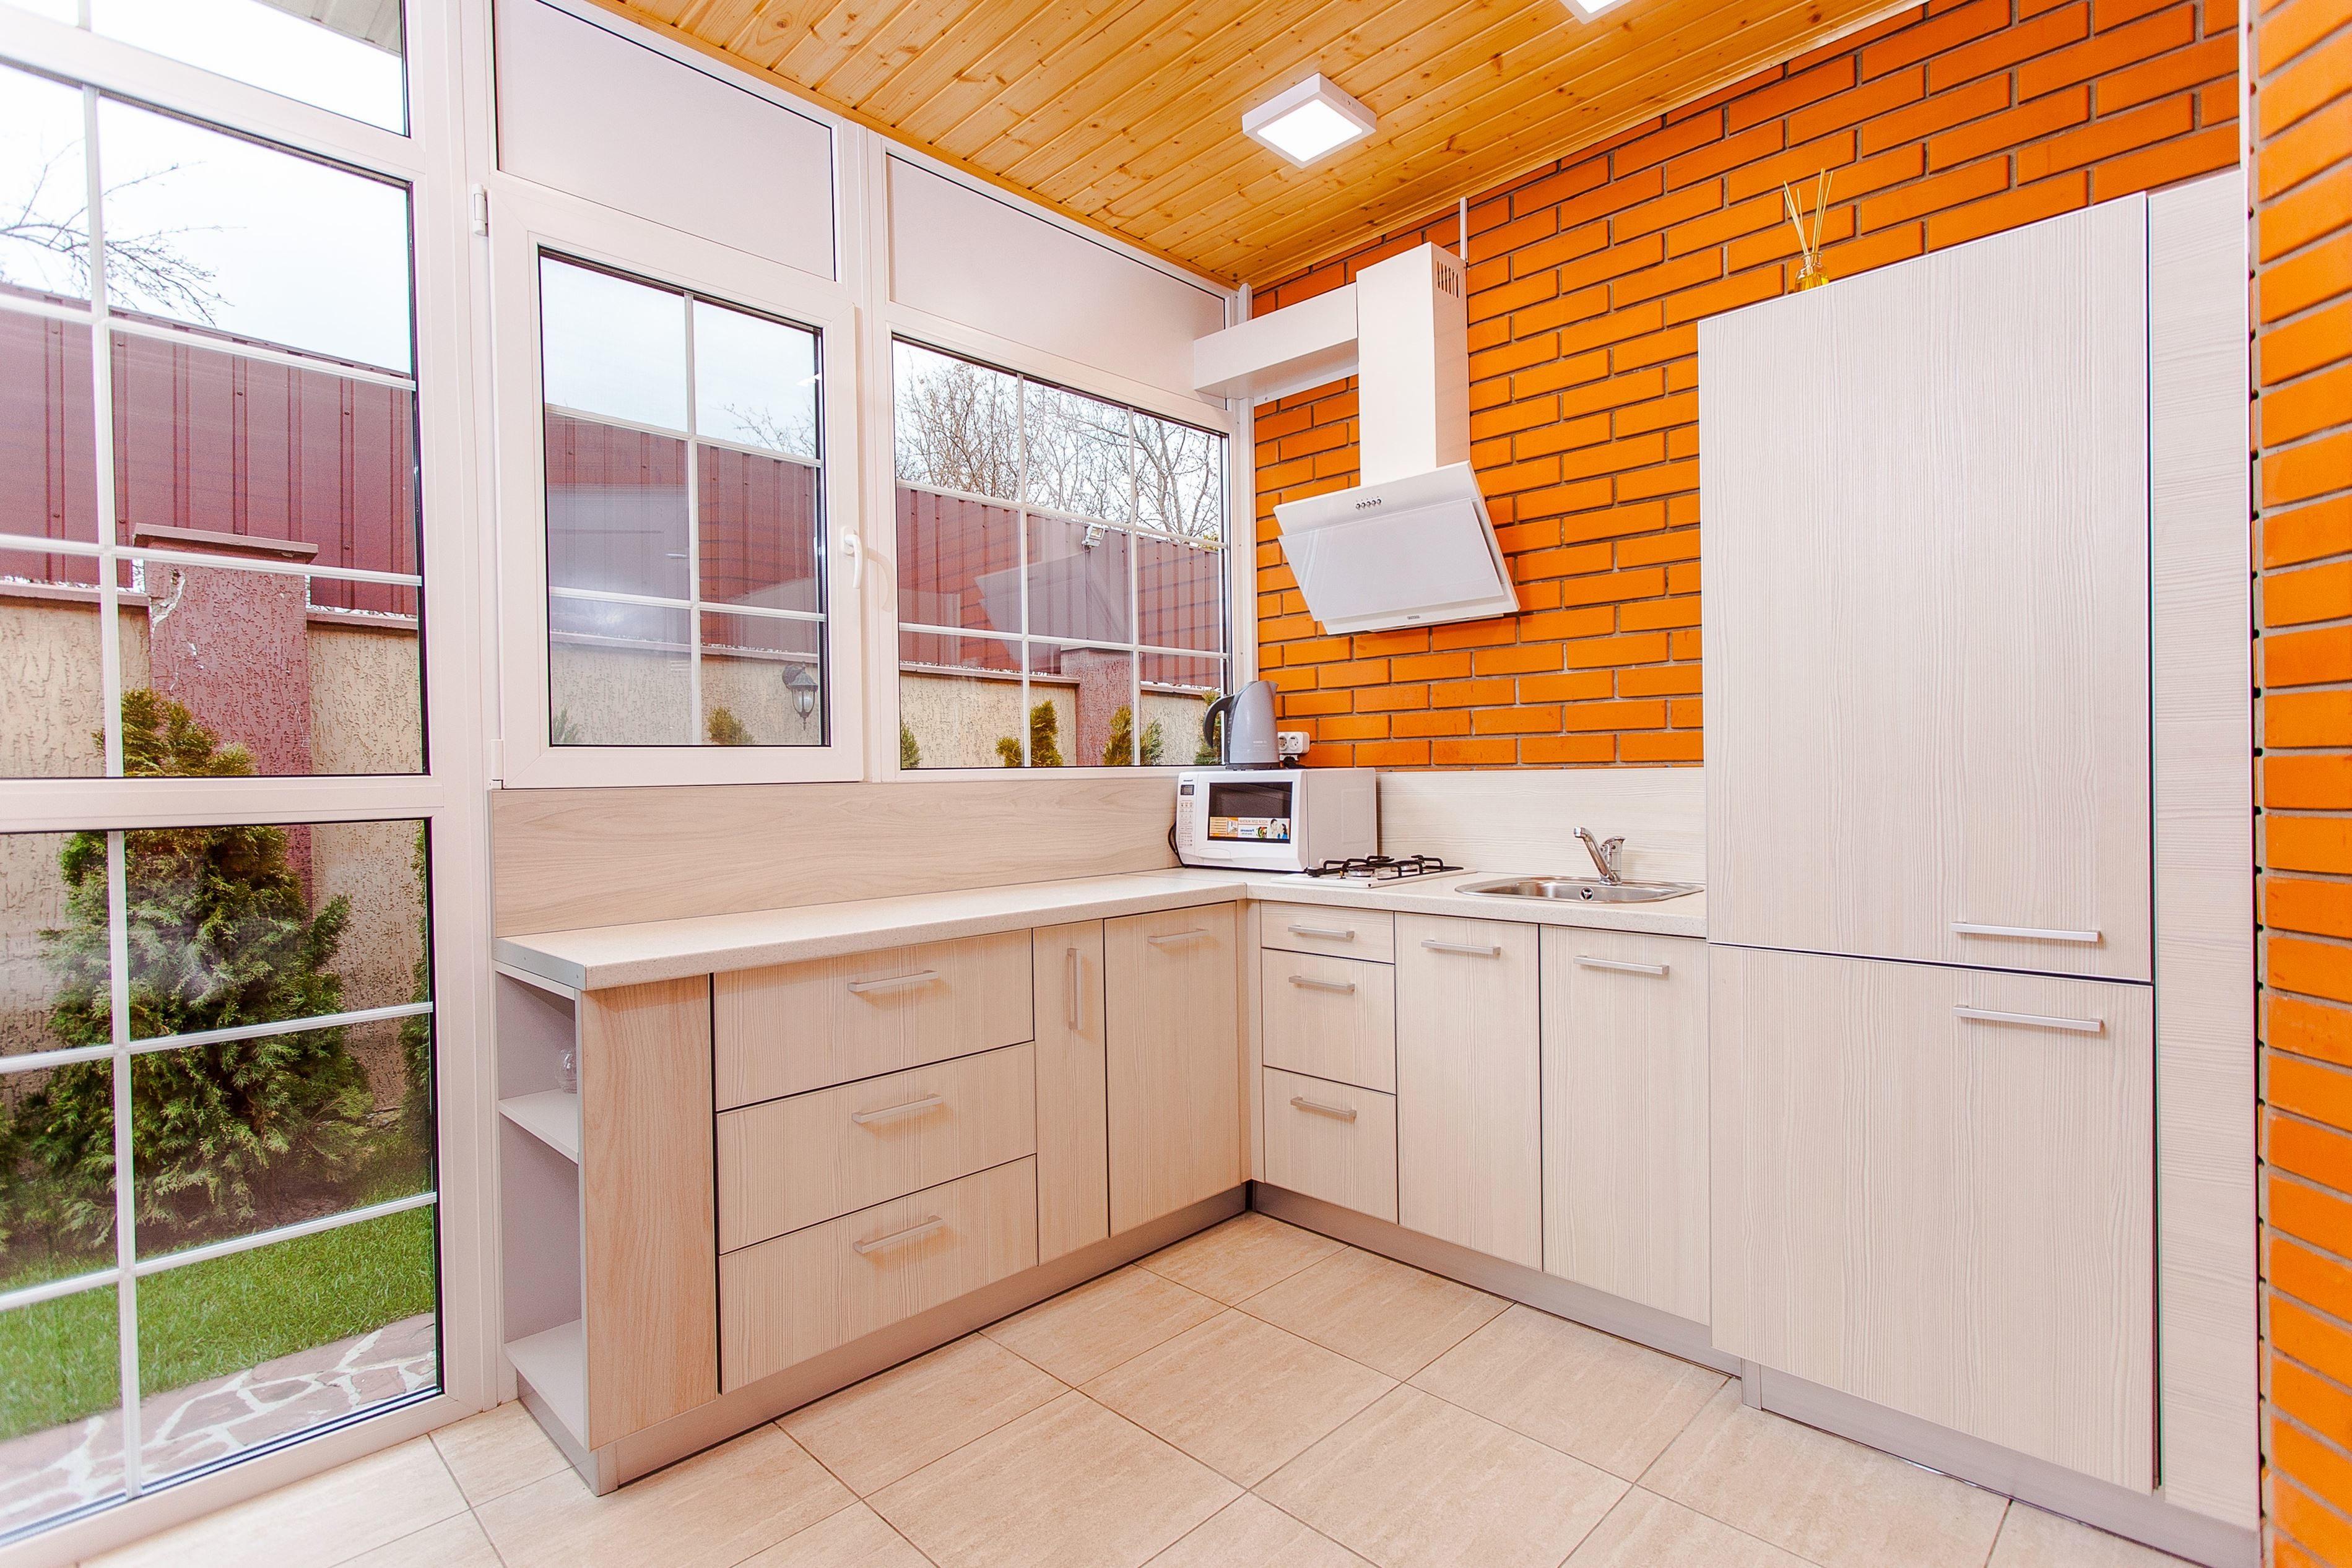 Kostenlose Bild: Küche, Architektur, Backstein, Wand, zeitgenössisch ...